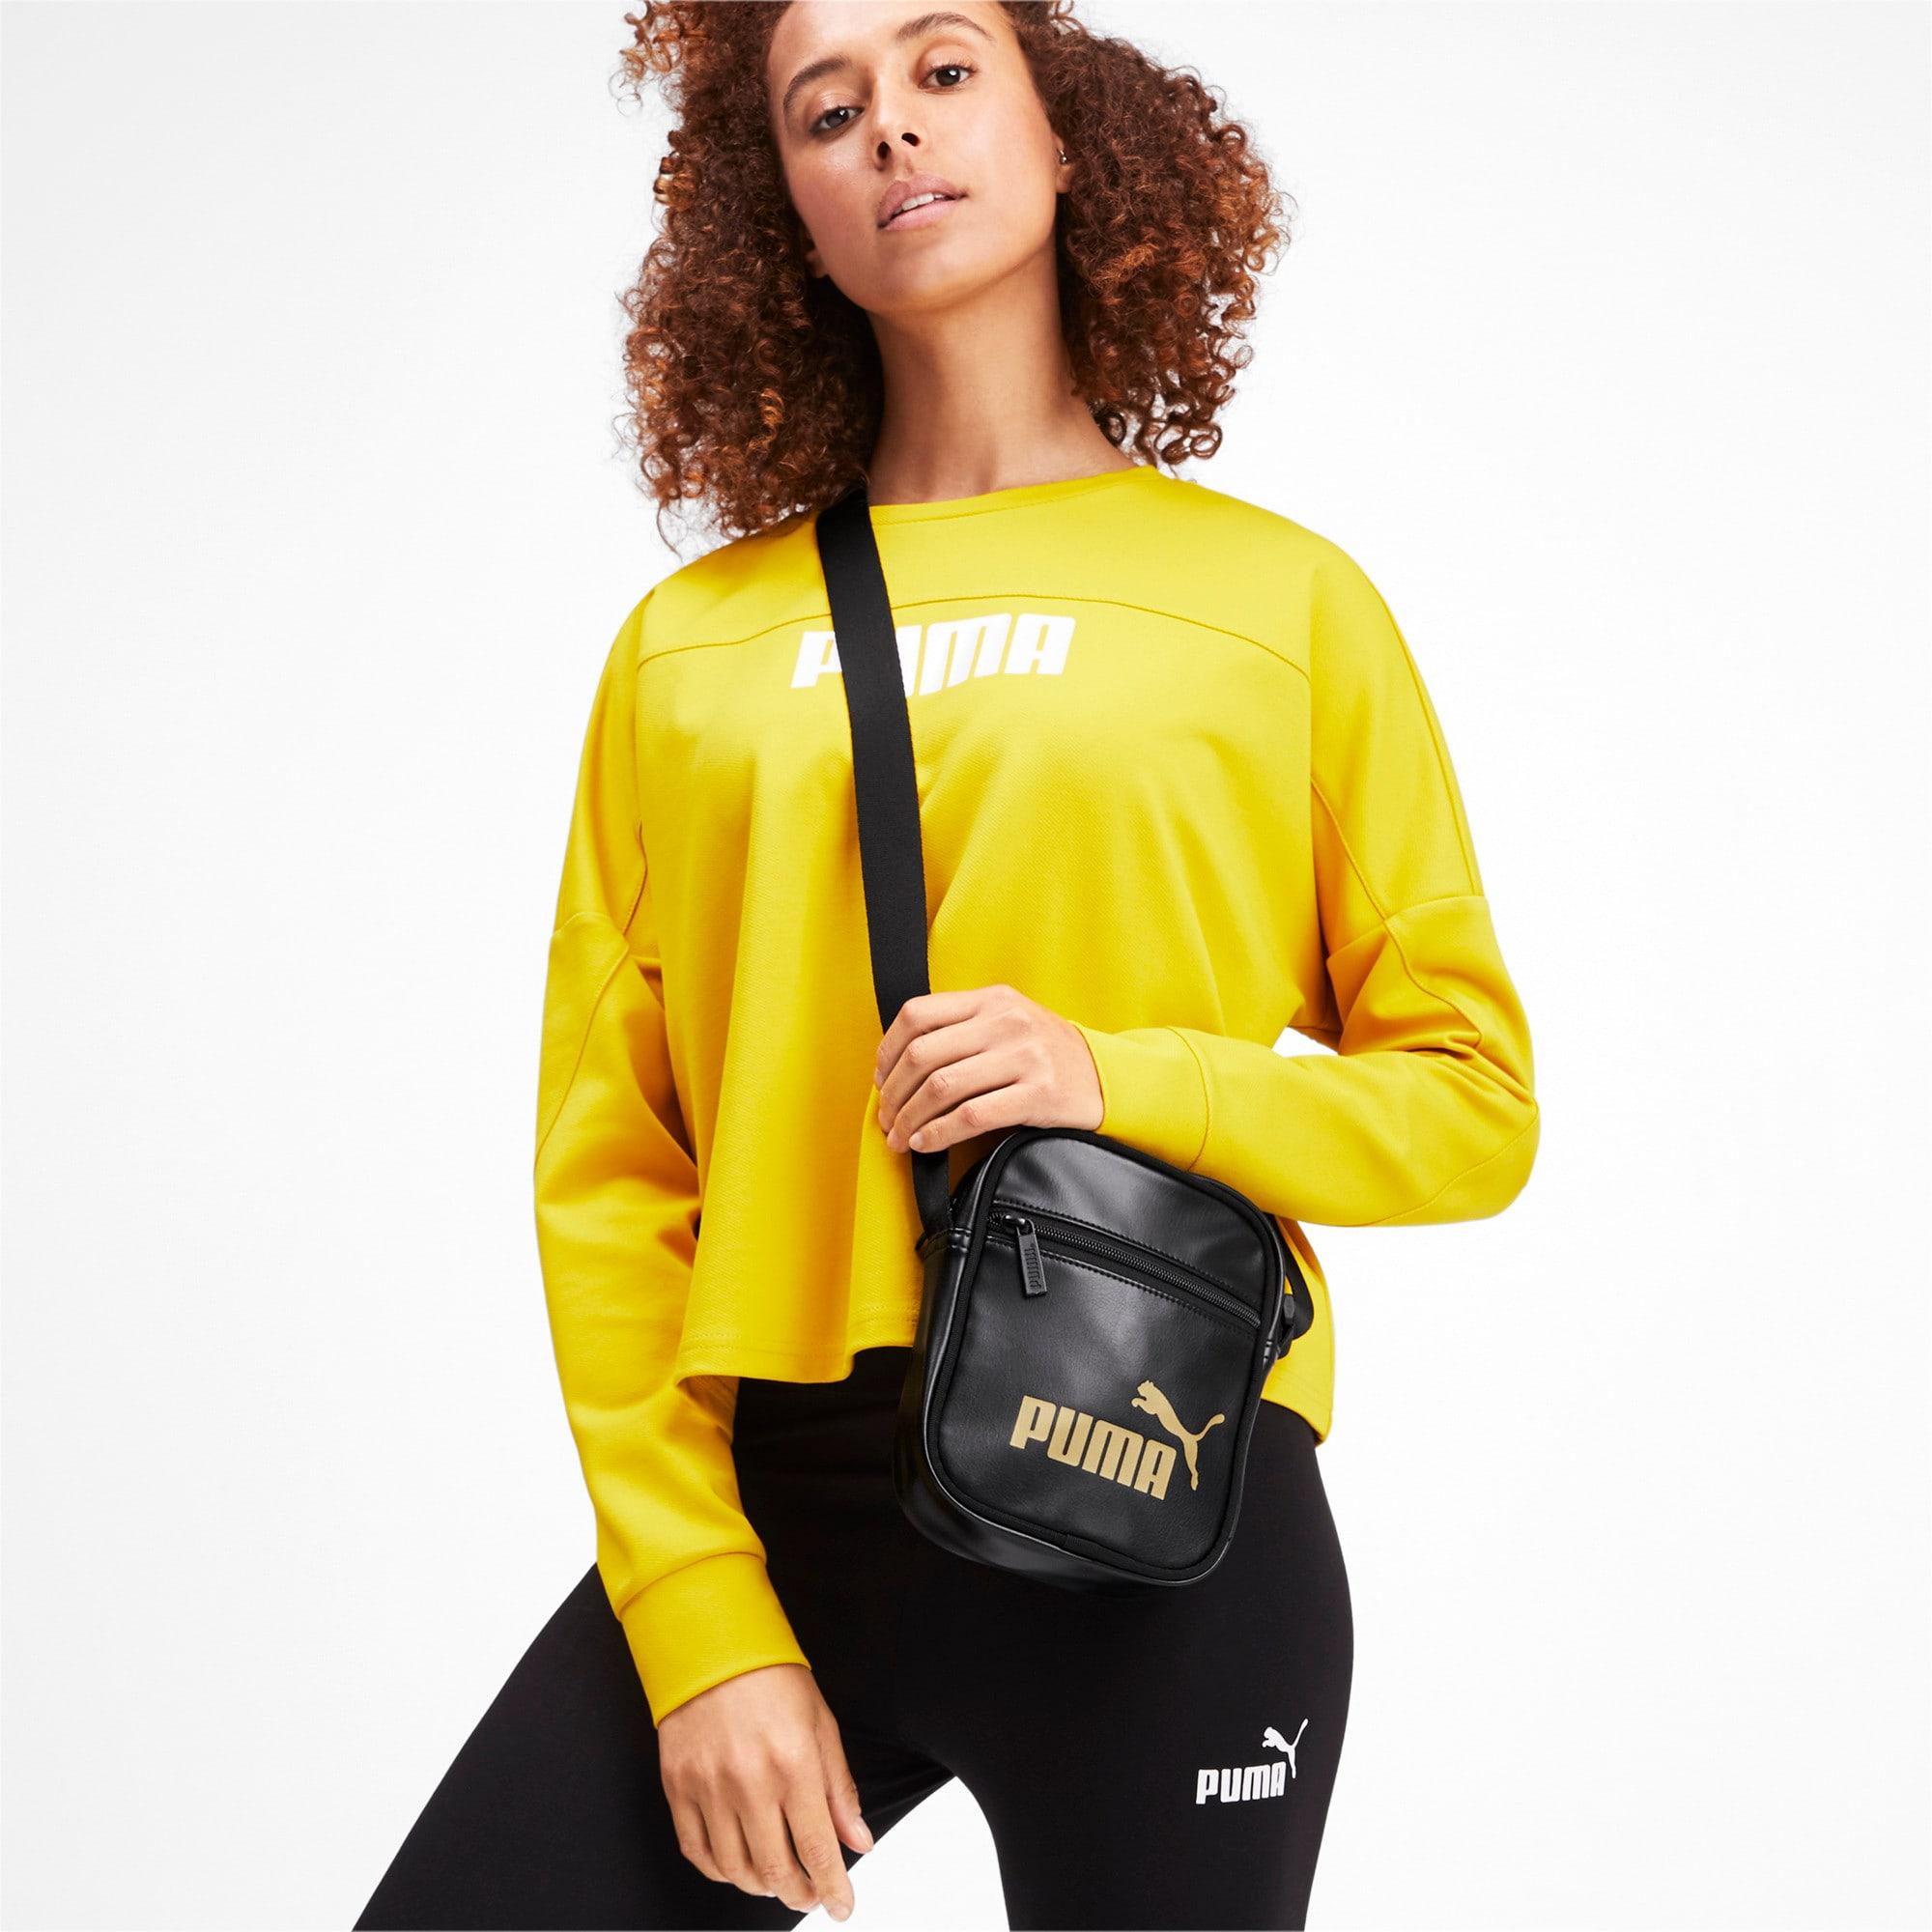 Anteprima 2 di Up Women's Portable Shoulder Bag, Puma Black-gold, medio